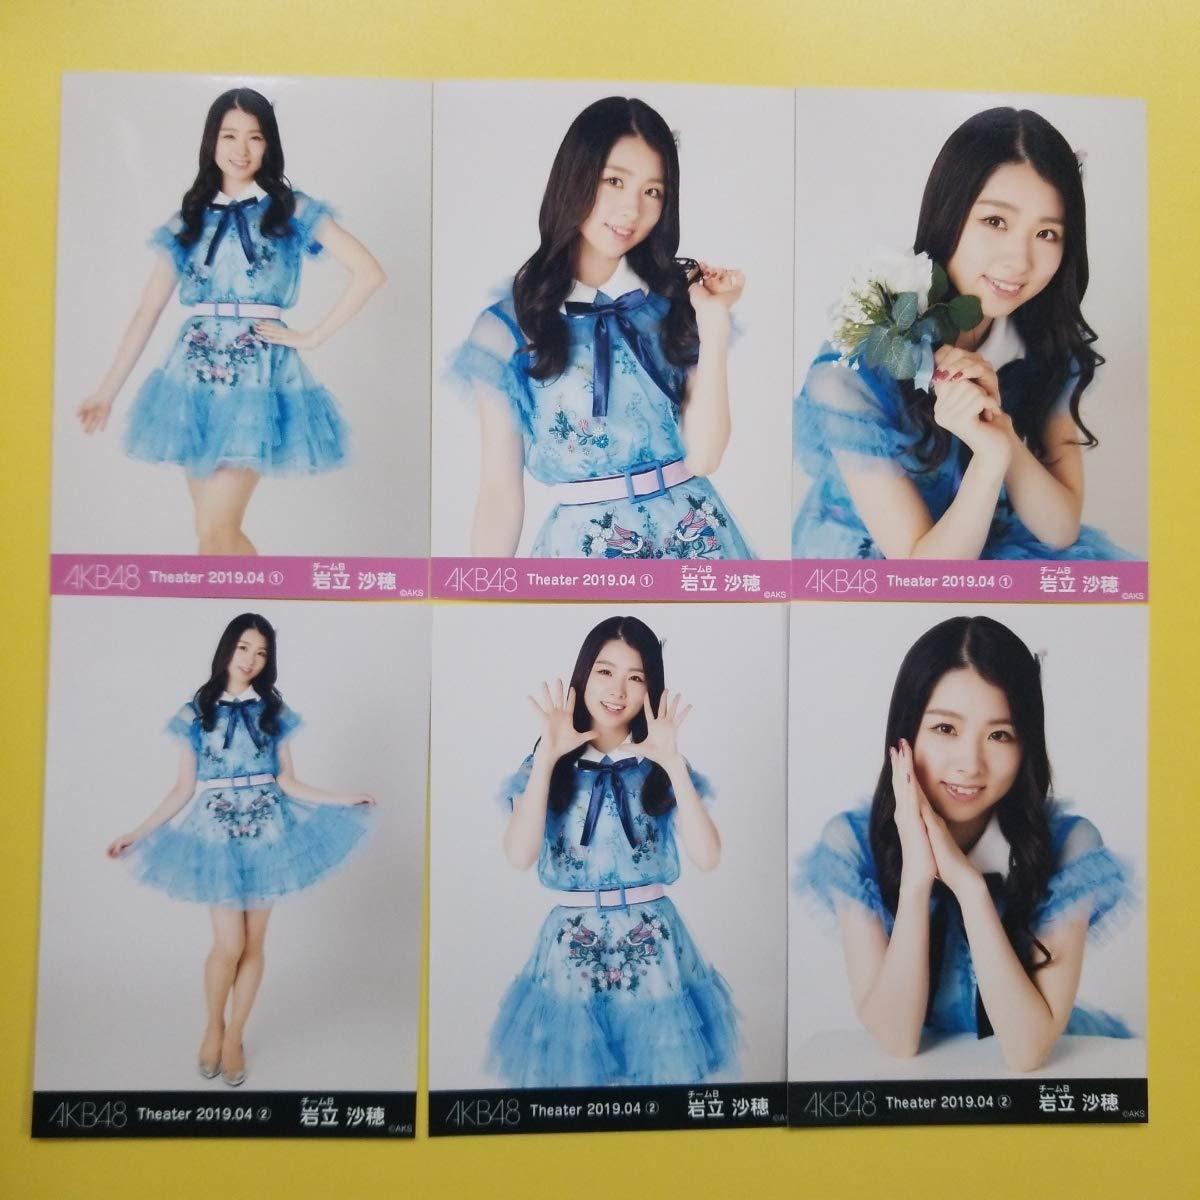 AKB48 岩立沙穂 月別生写真 2019 4月 April ①+② 6種コンプ   B07QFNHCVM